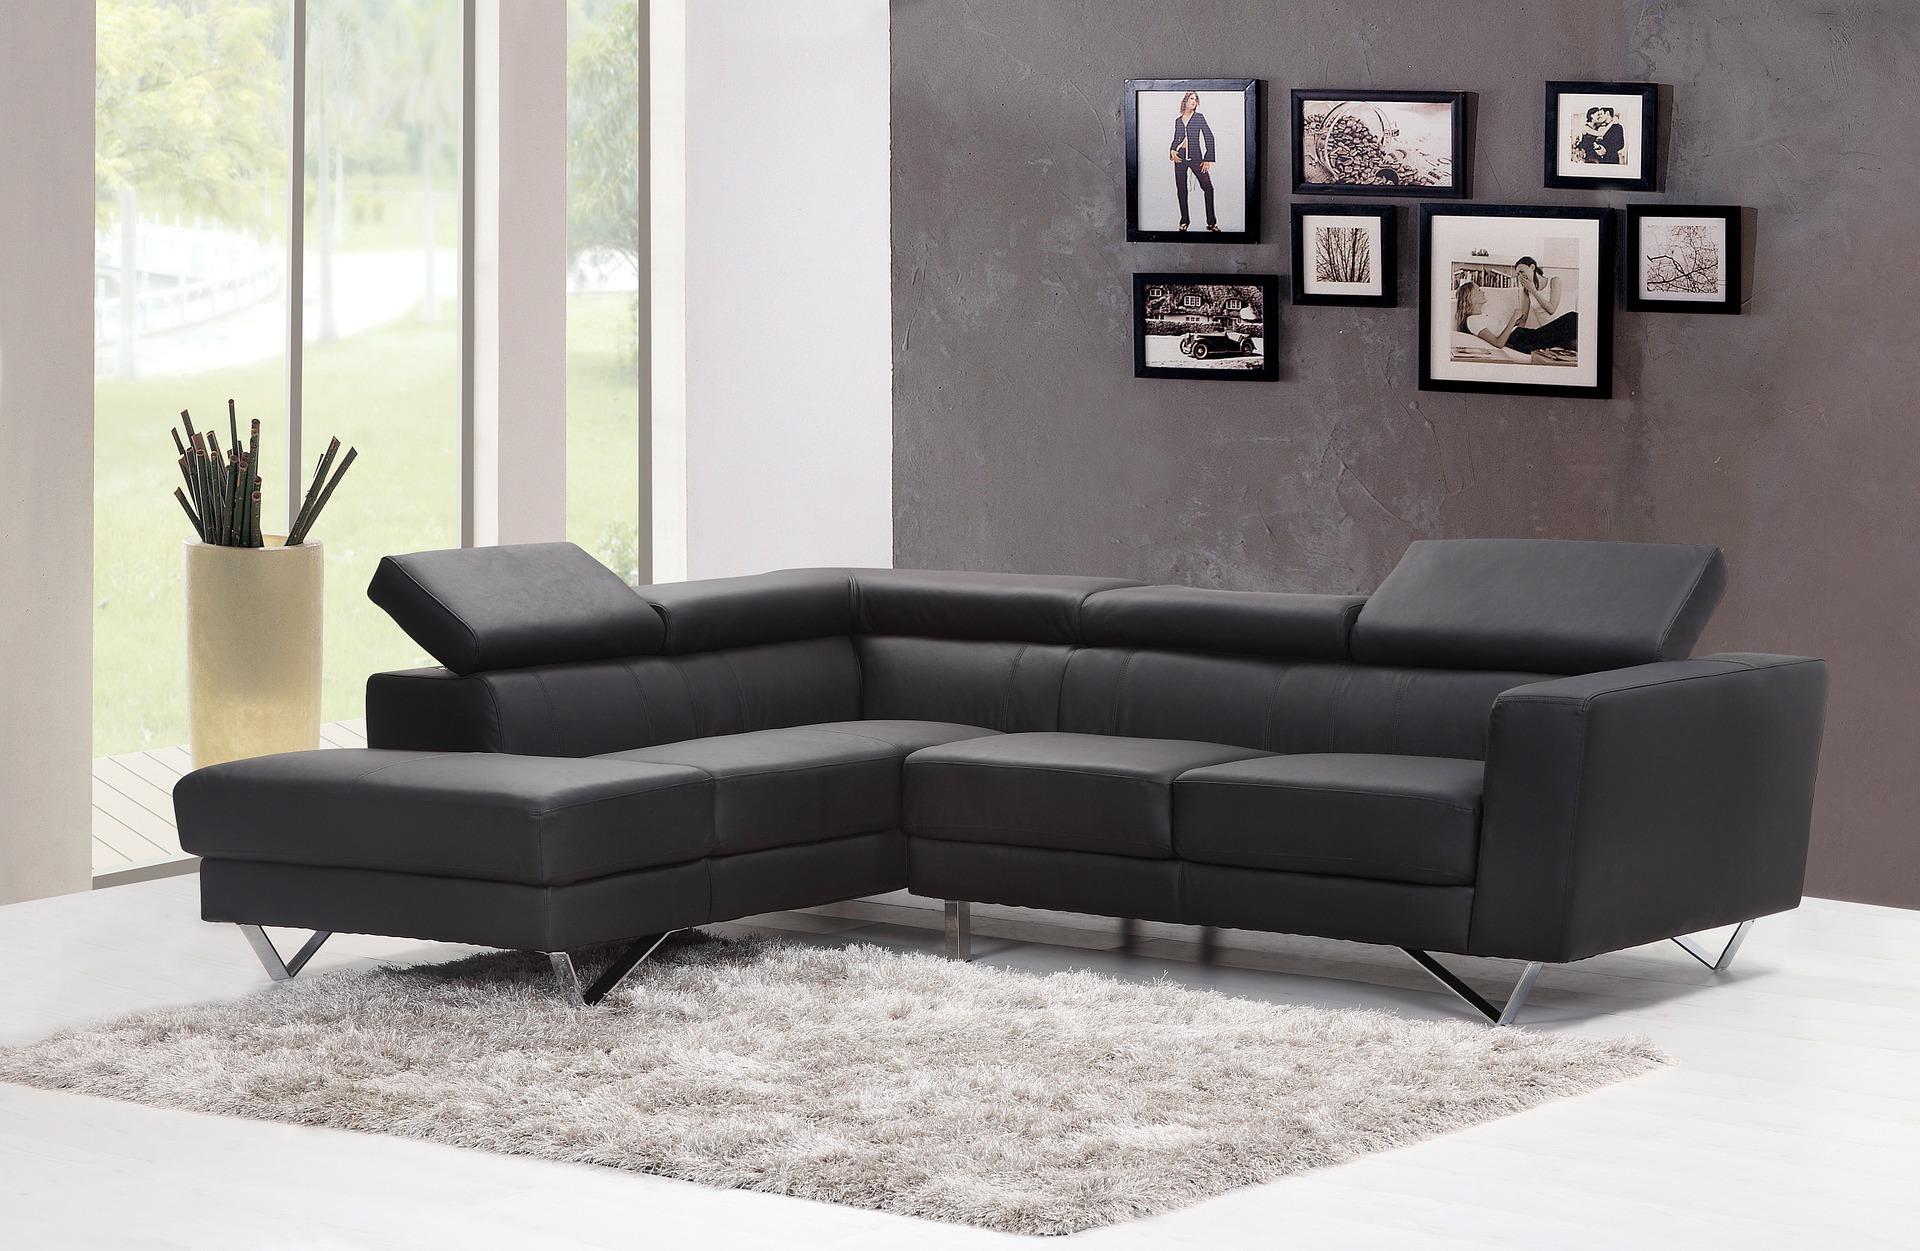 Conseils_pour_la_décoration_de_votre_premier_appartement_avec_un_budget_limité___Aide_à_la_décoration